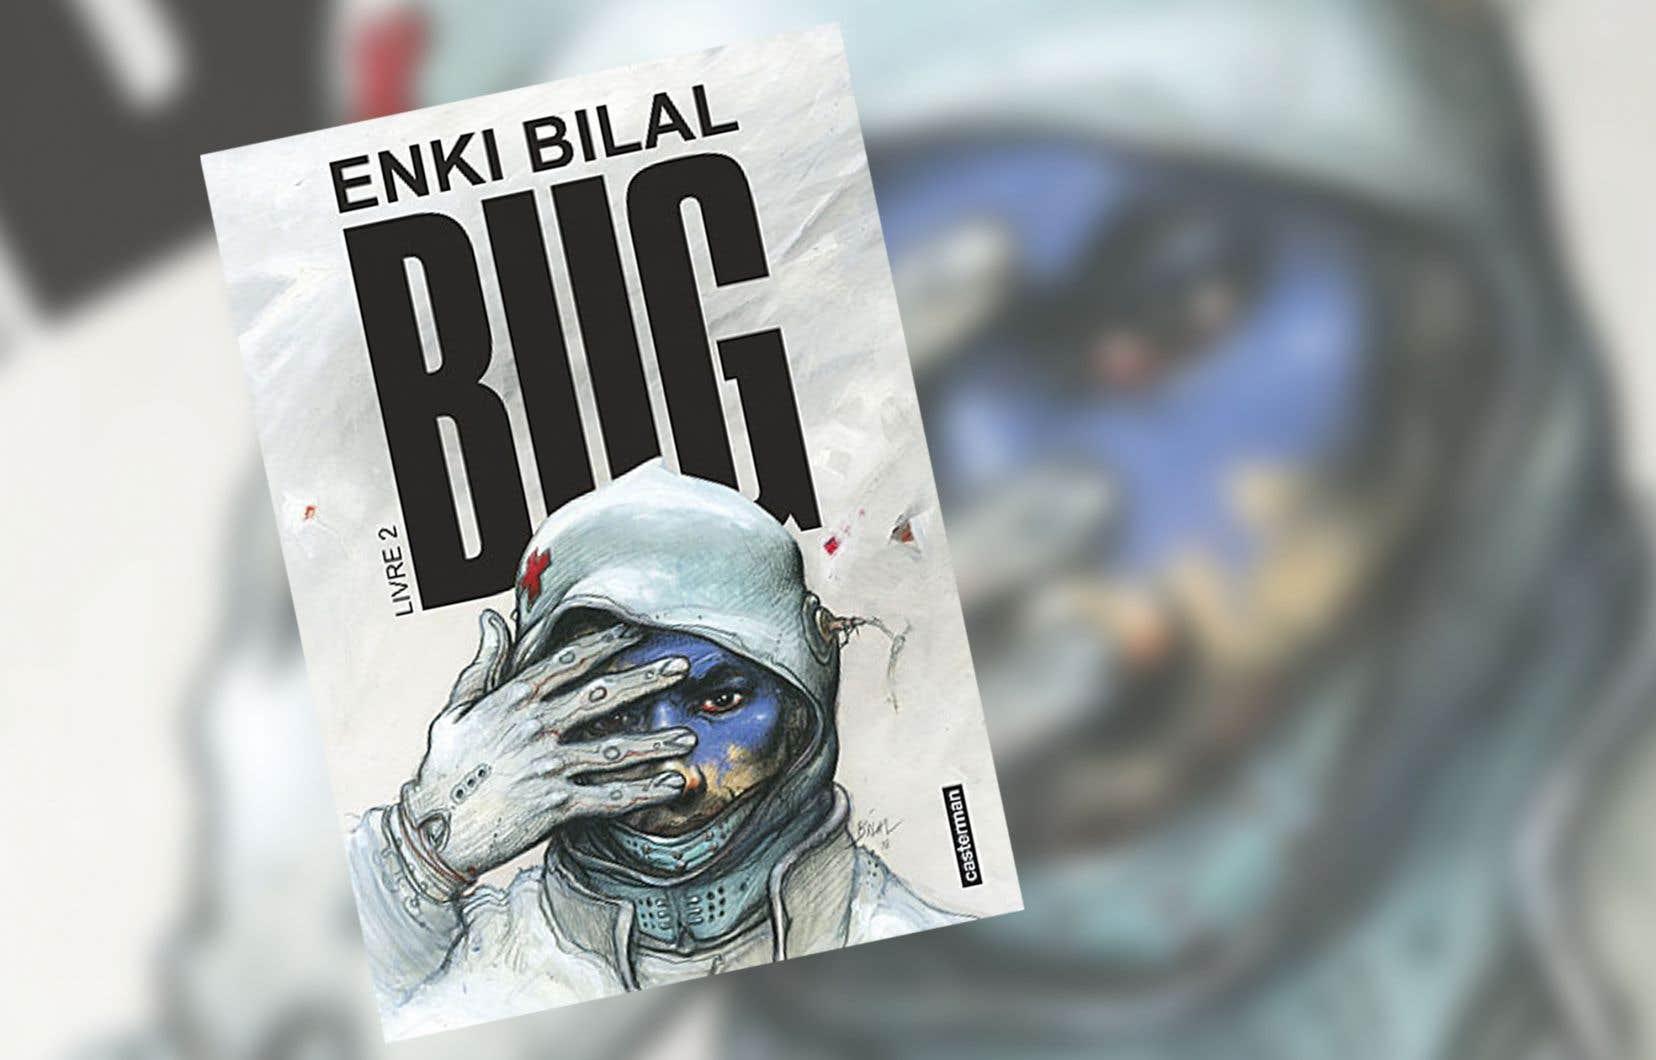 Enki Bilal réussit de main de maître, ce qui laisse présager que «Bug», une fois achevé, pourrait occuper une place importante dans son œuvre.